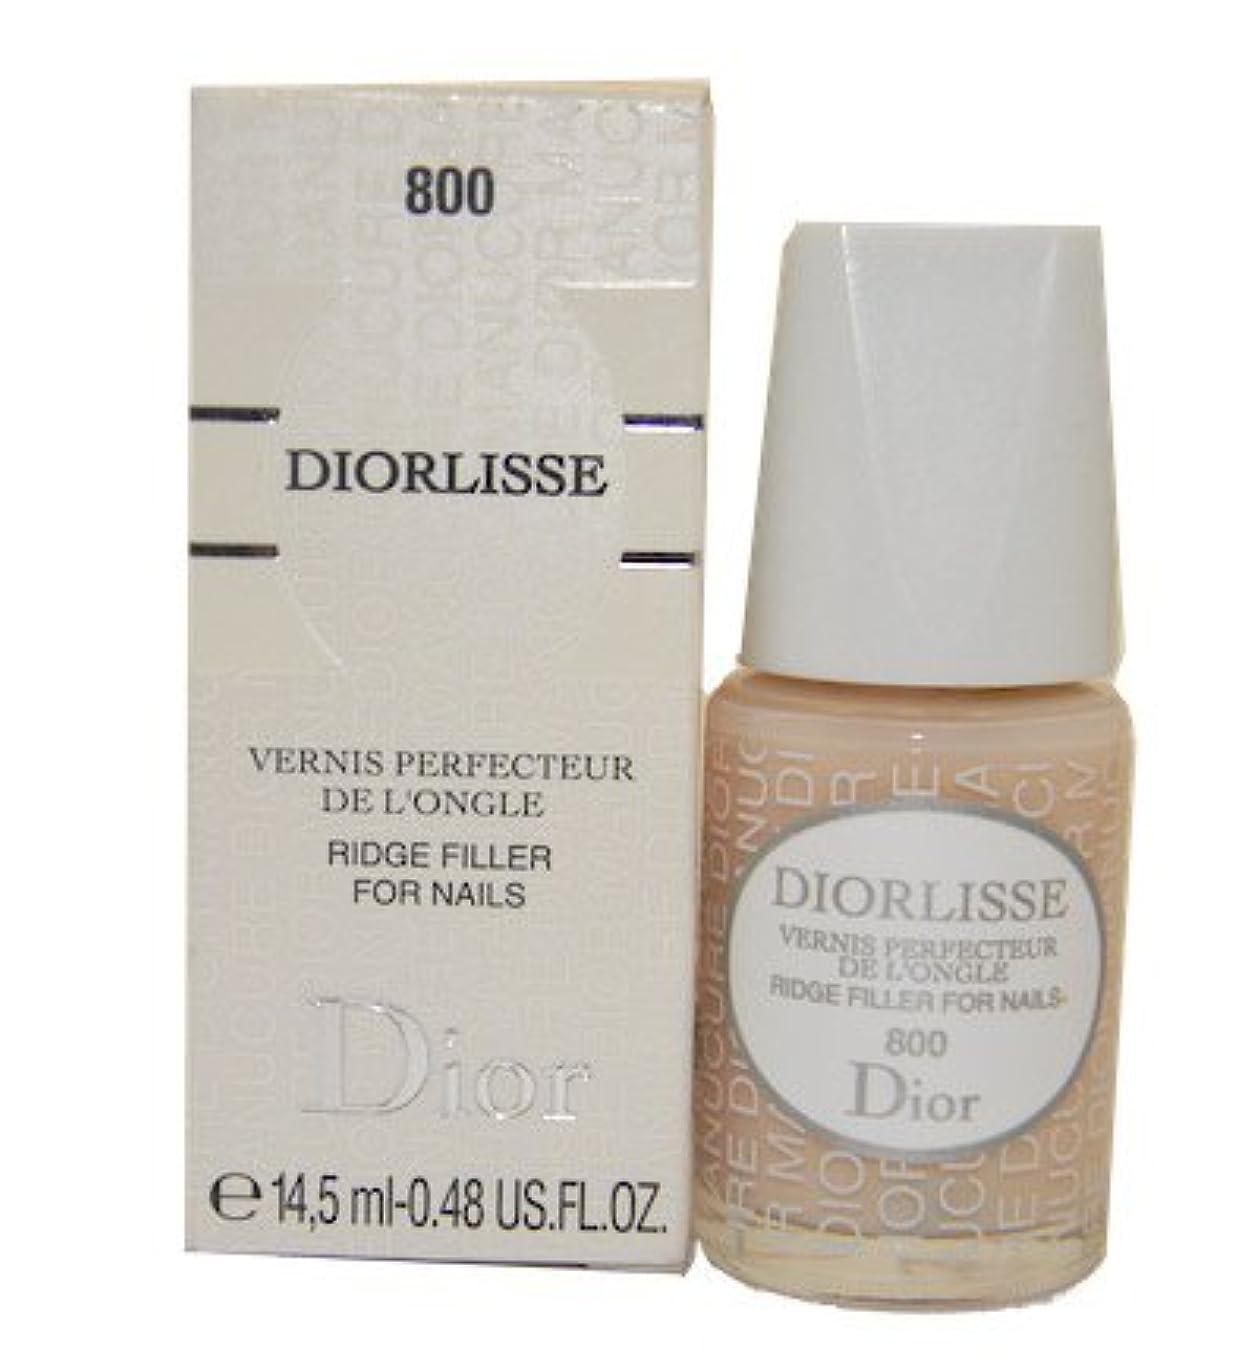 油狂った地球Dior Diorlisse Ridge Filler For Nail 800(ディオールリス リッジフィラー フォーネイル 800)[海外直送品] [並行輸入品]